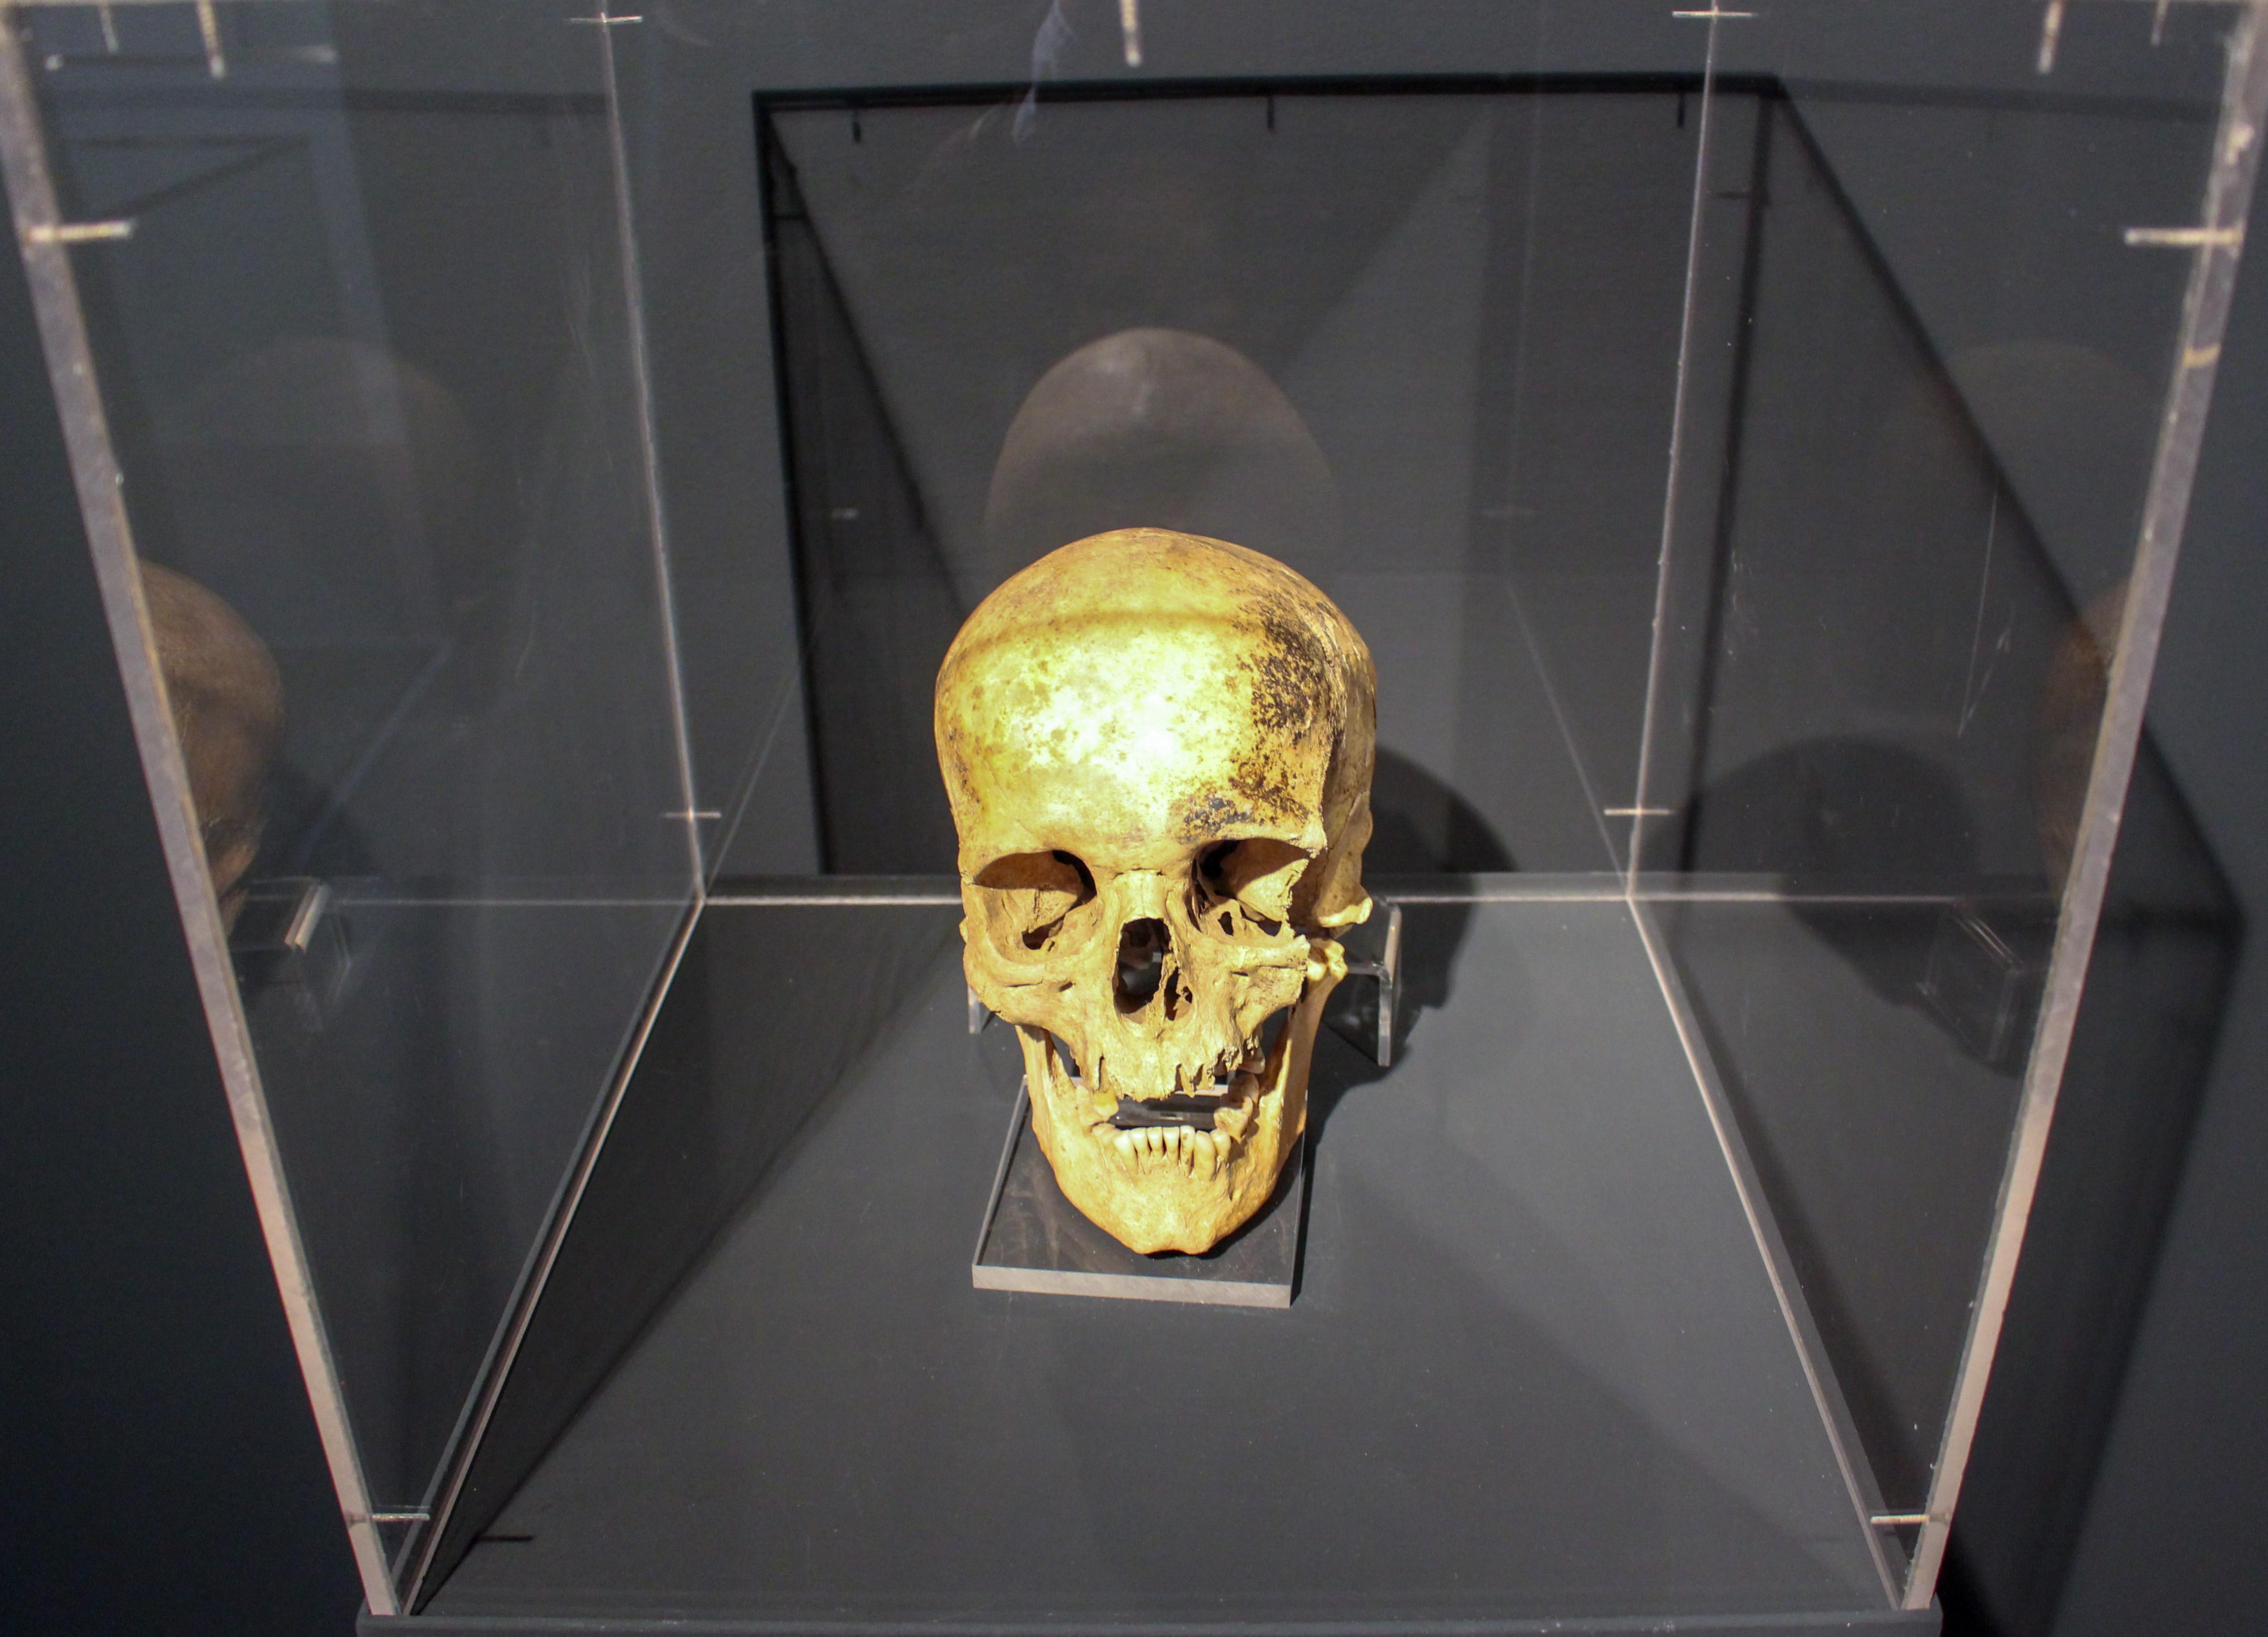 El Museo de Reproducciones de Bilbao inaugura una exposición que estará ubicada por primera vez en dos localizaciones diferentes